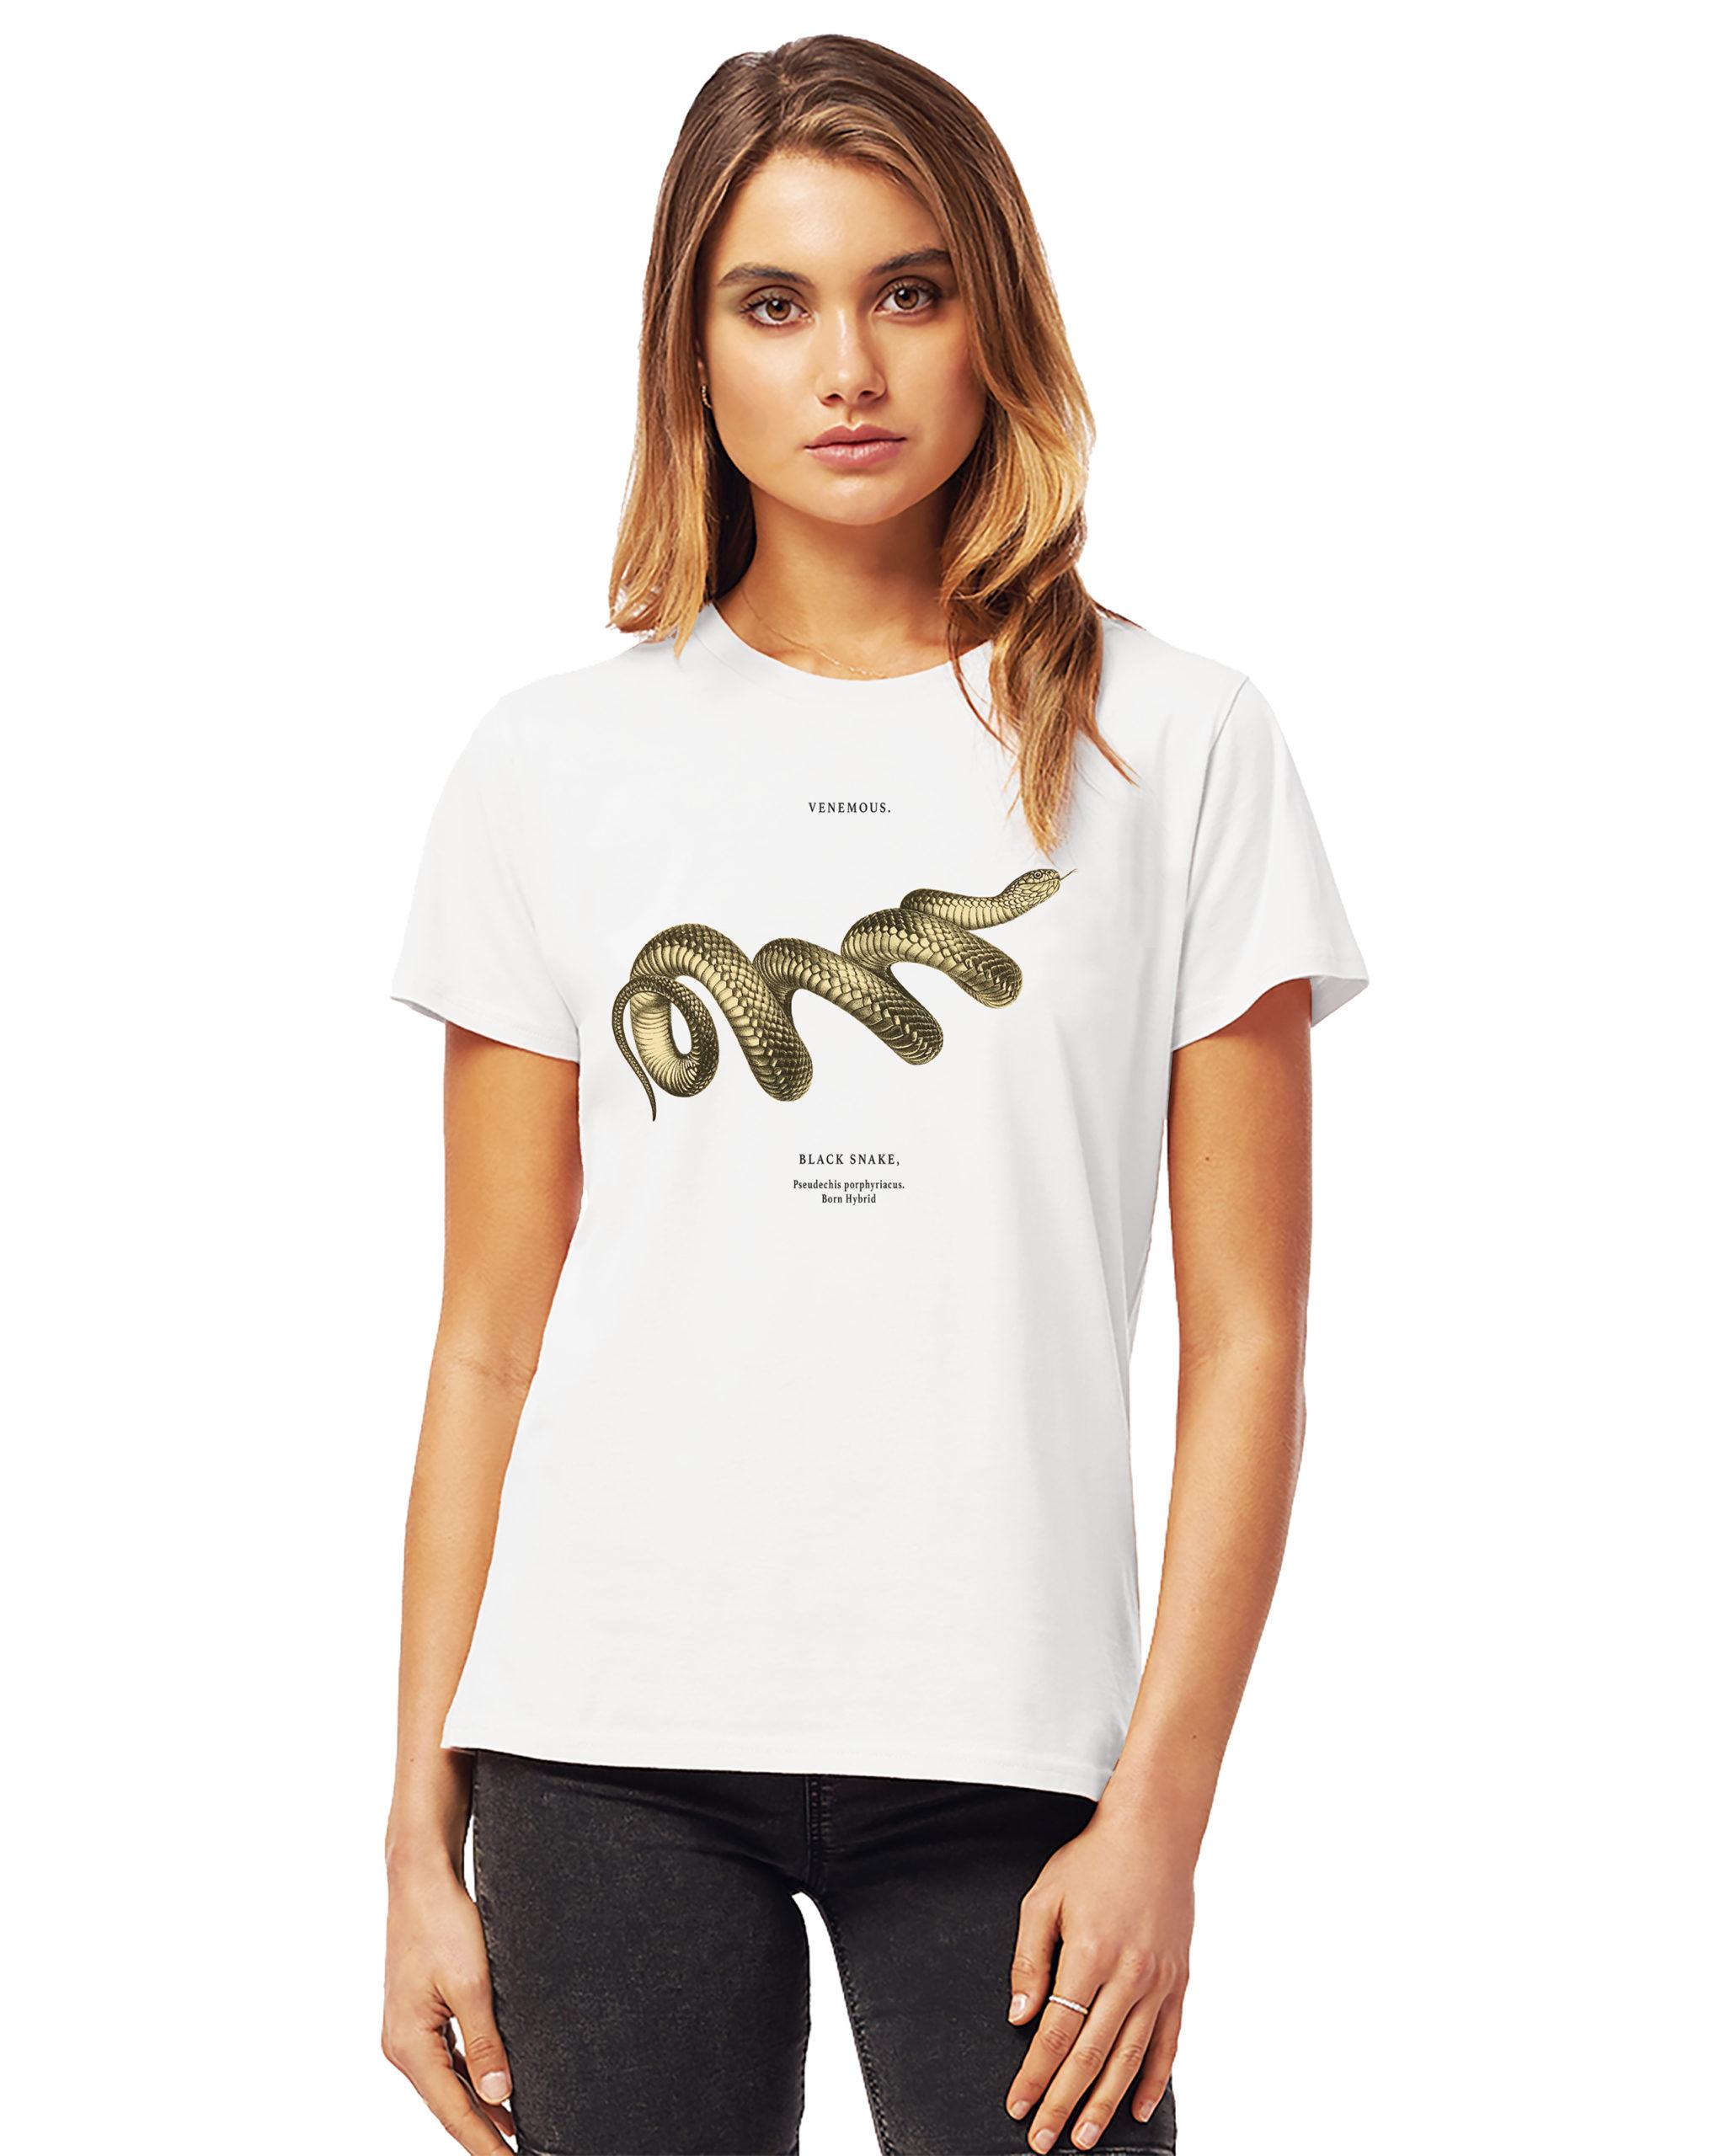 Women's snake t-shirt in white